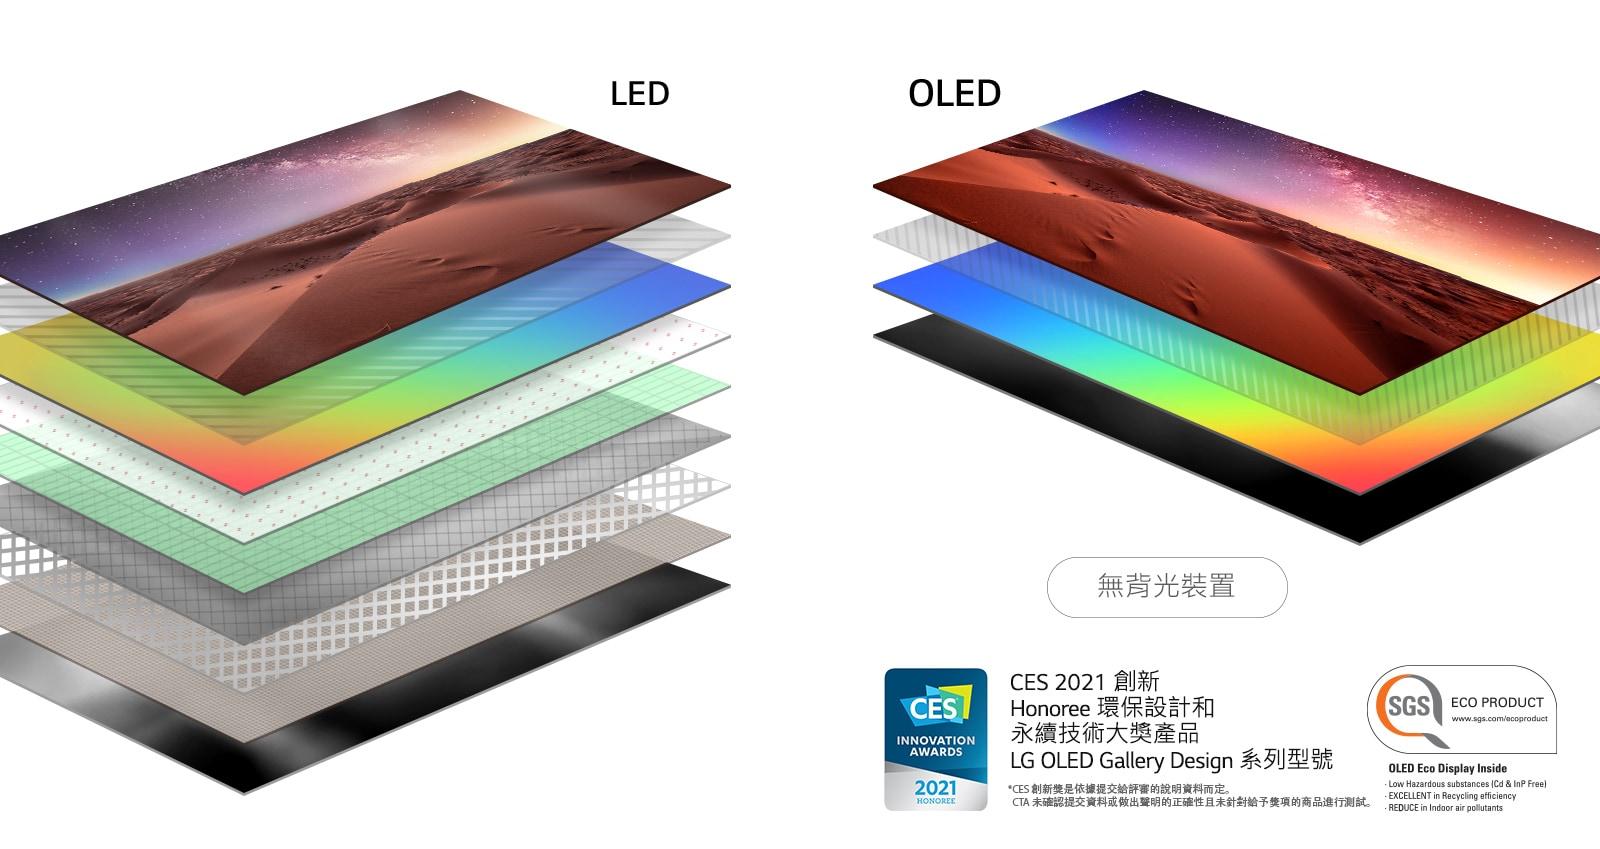 背光 LED 電視與自體發光 OLED 電視顯示層組成的比較(播放影片)